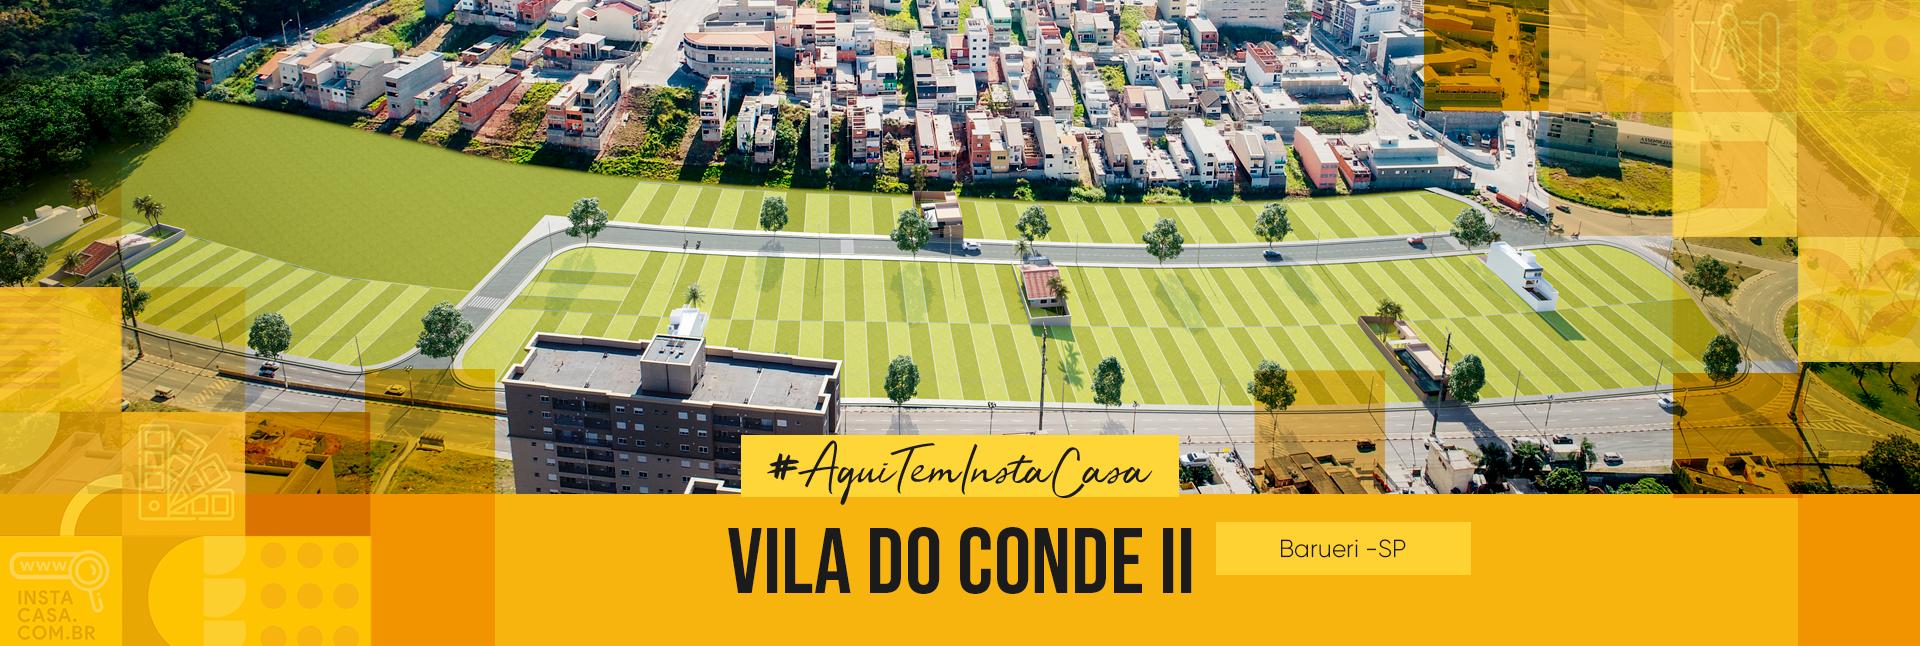 Vila do Conde II